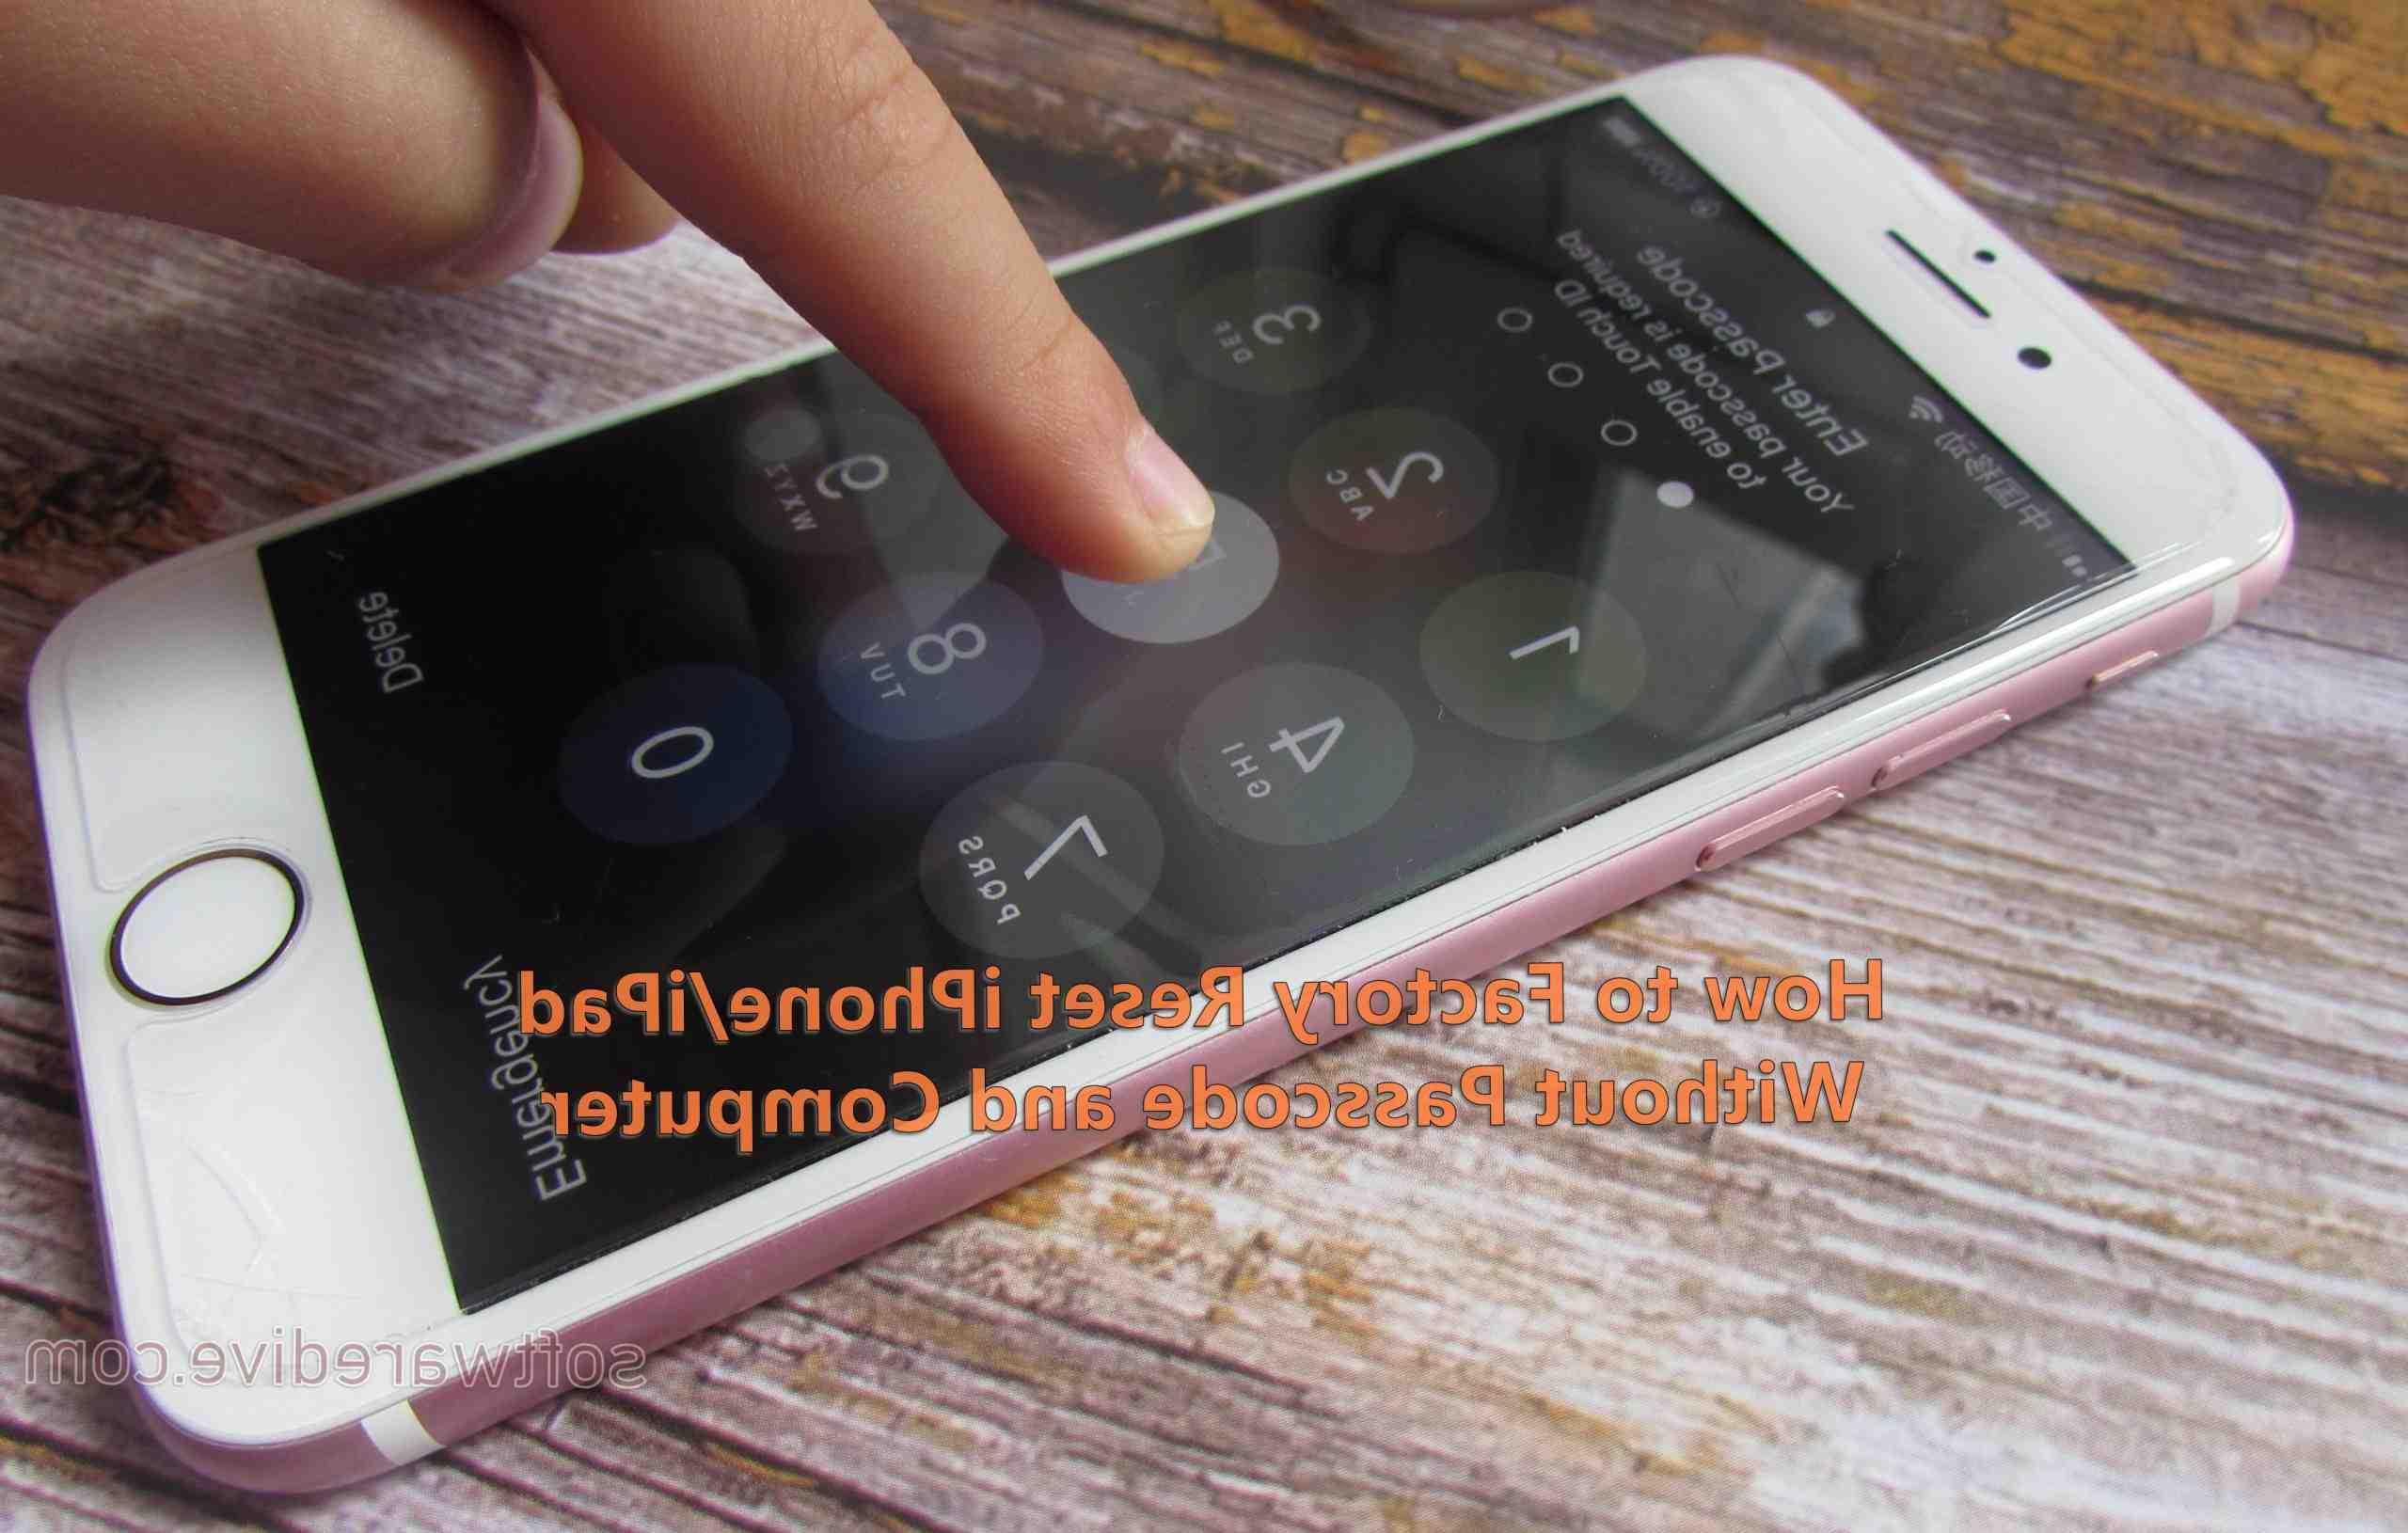 Iphone 5 forgot passcode